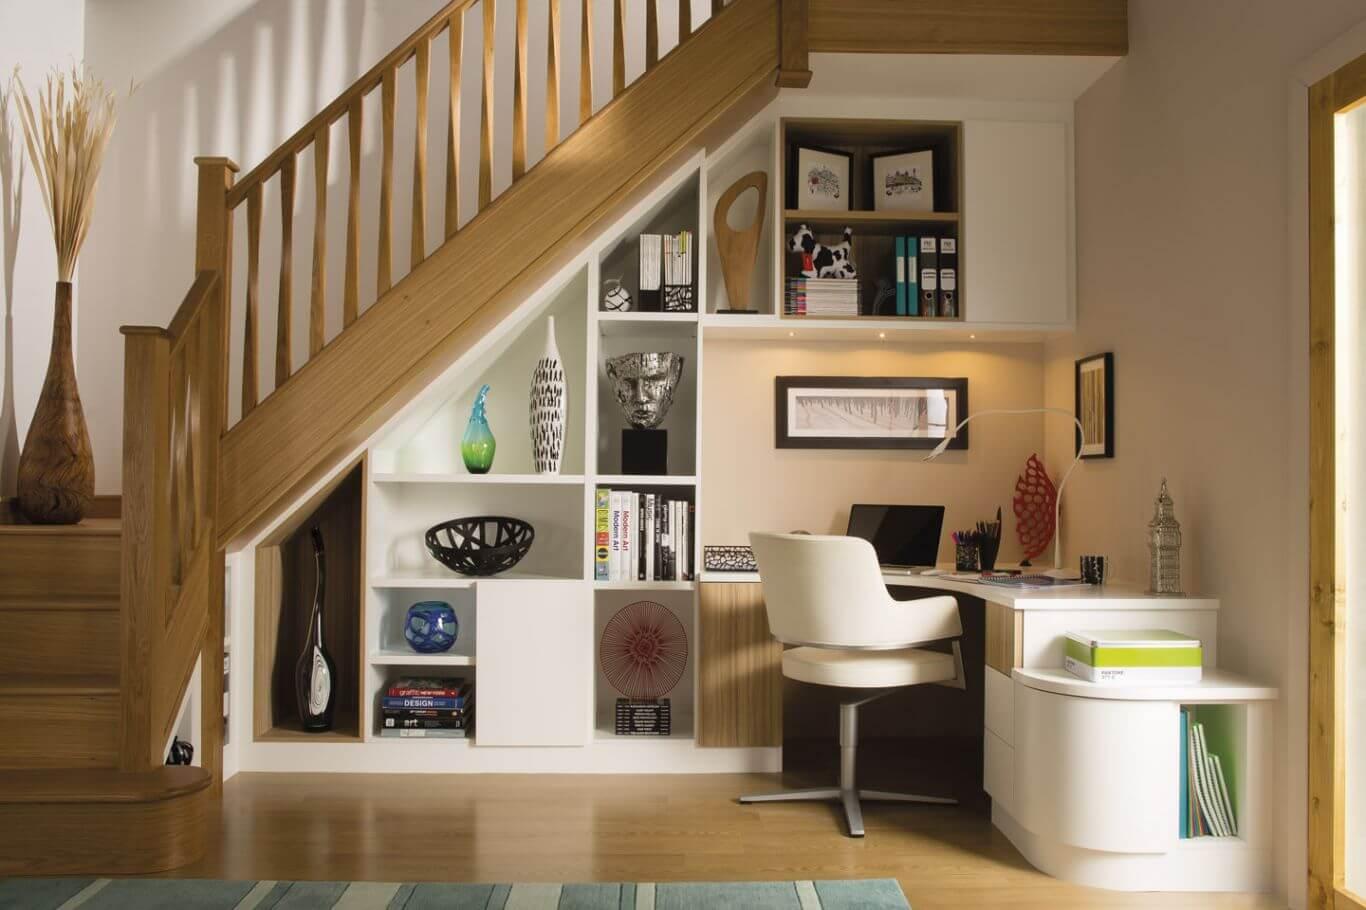 樓梯下的角落既能化解風水煞氣,又能增加空間運用